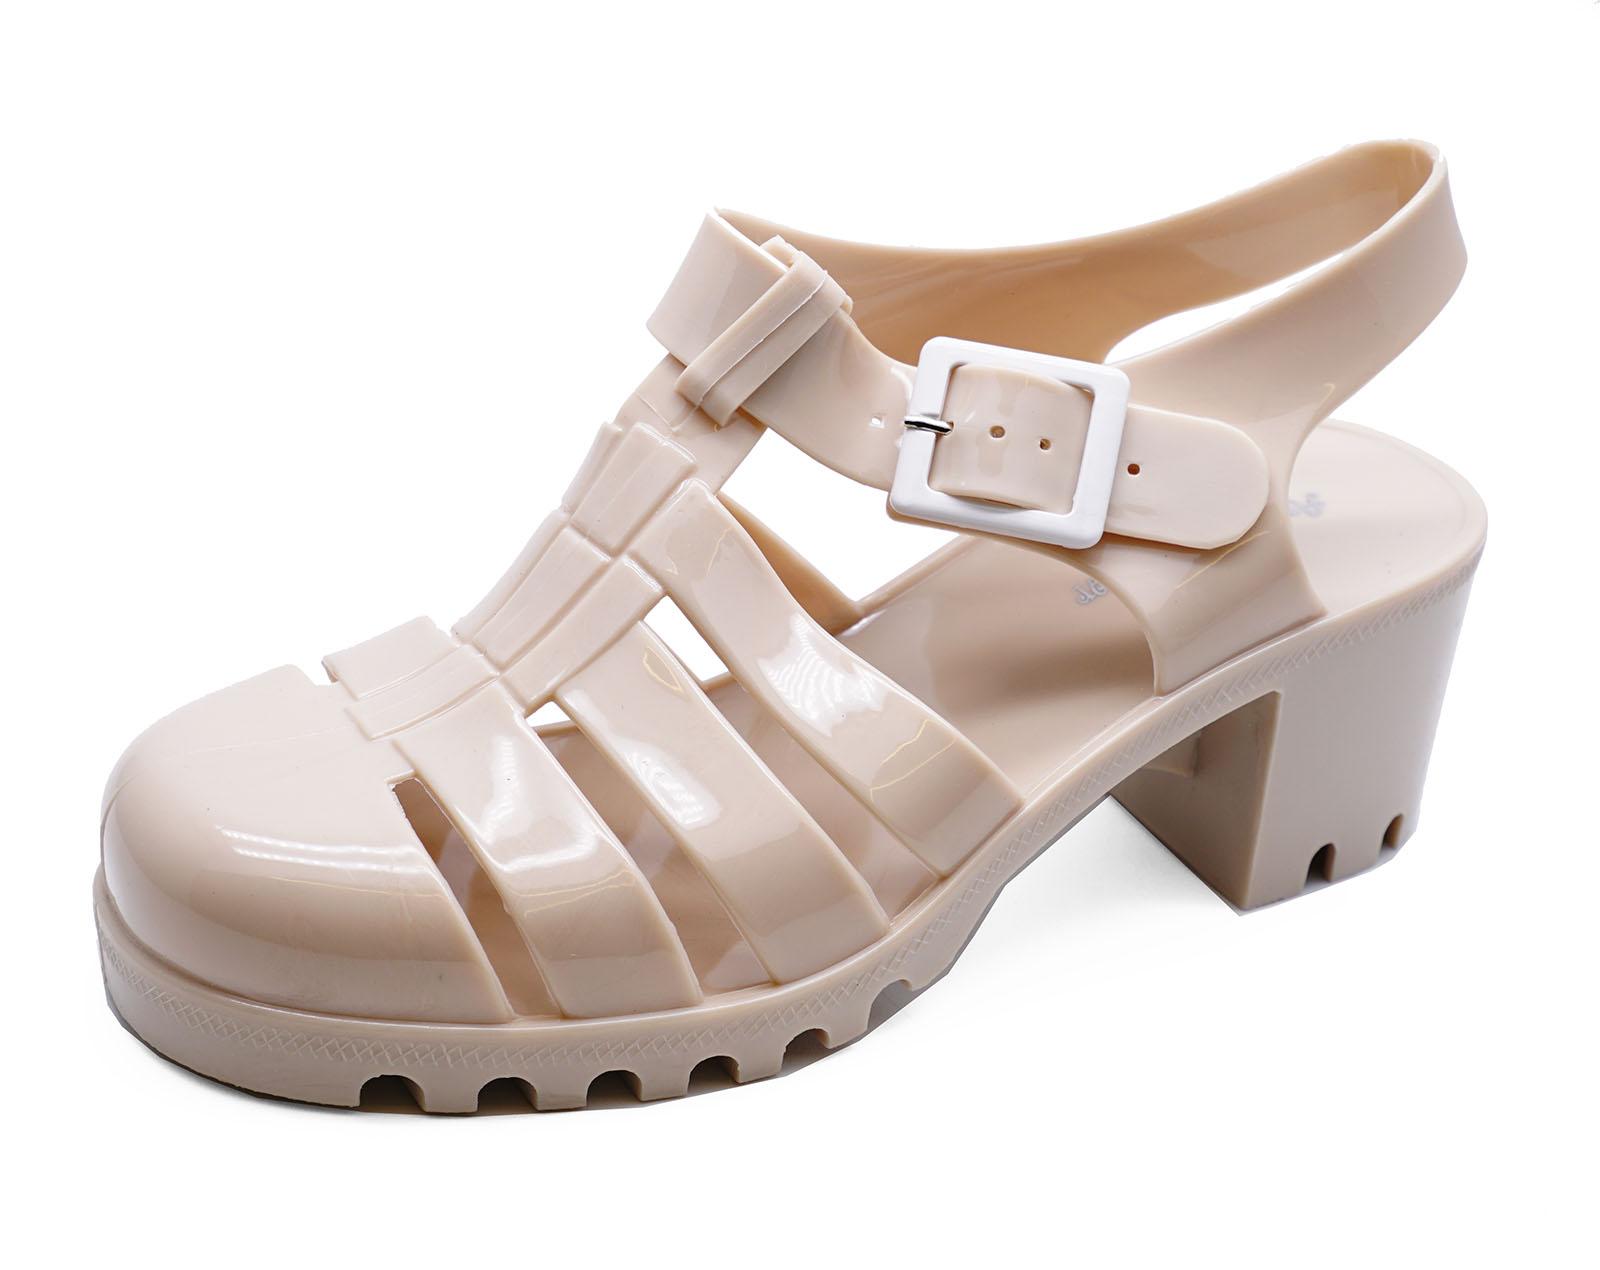 Mujer Piel Grueso Talón Plataforma Jalea Sandalias De Vacaciones Zapatos De Salón Tallas 3-8